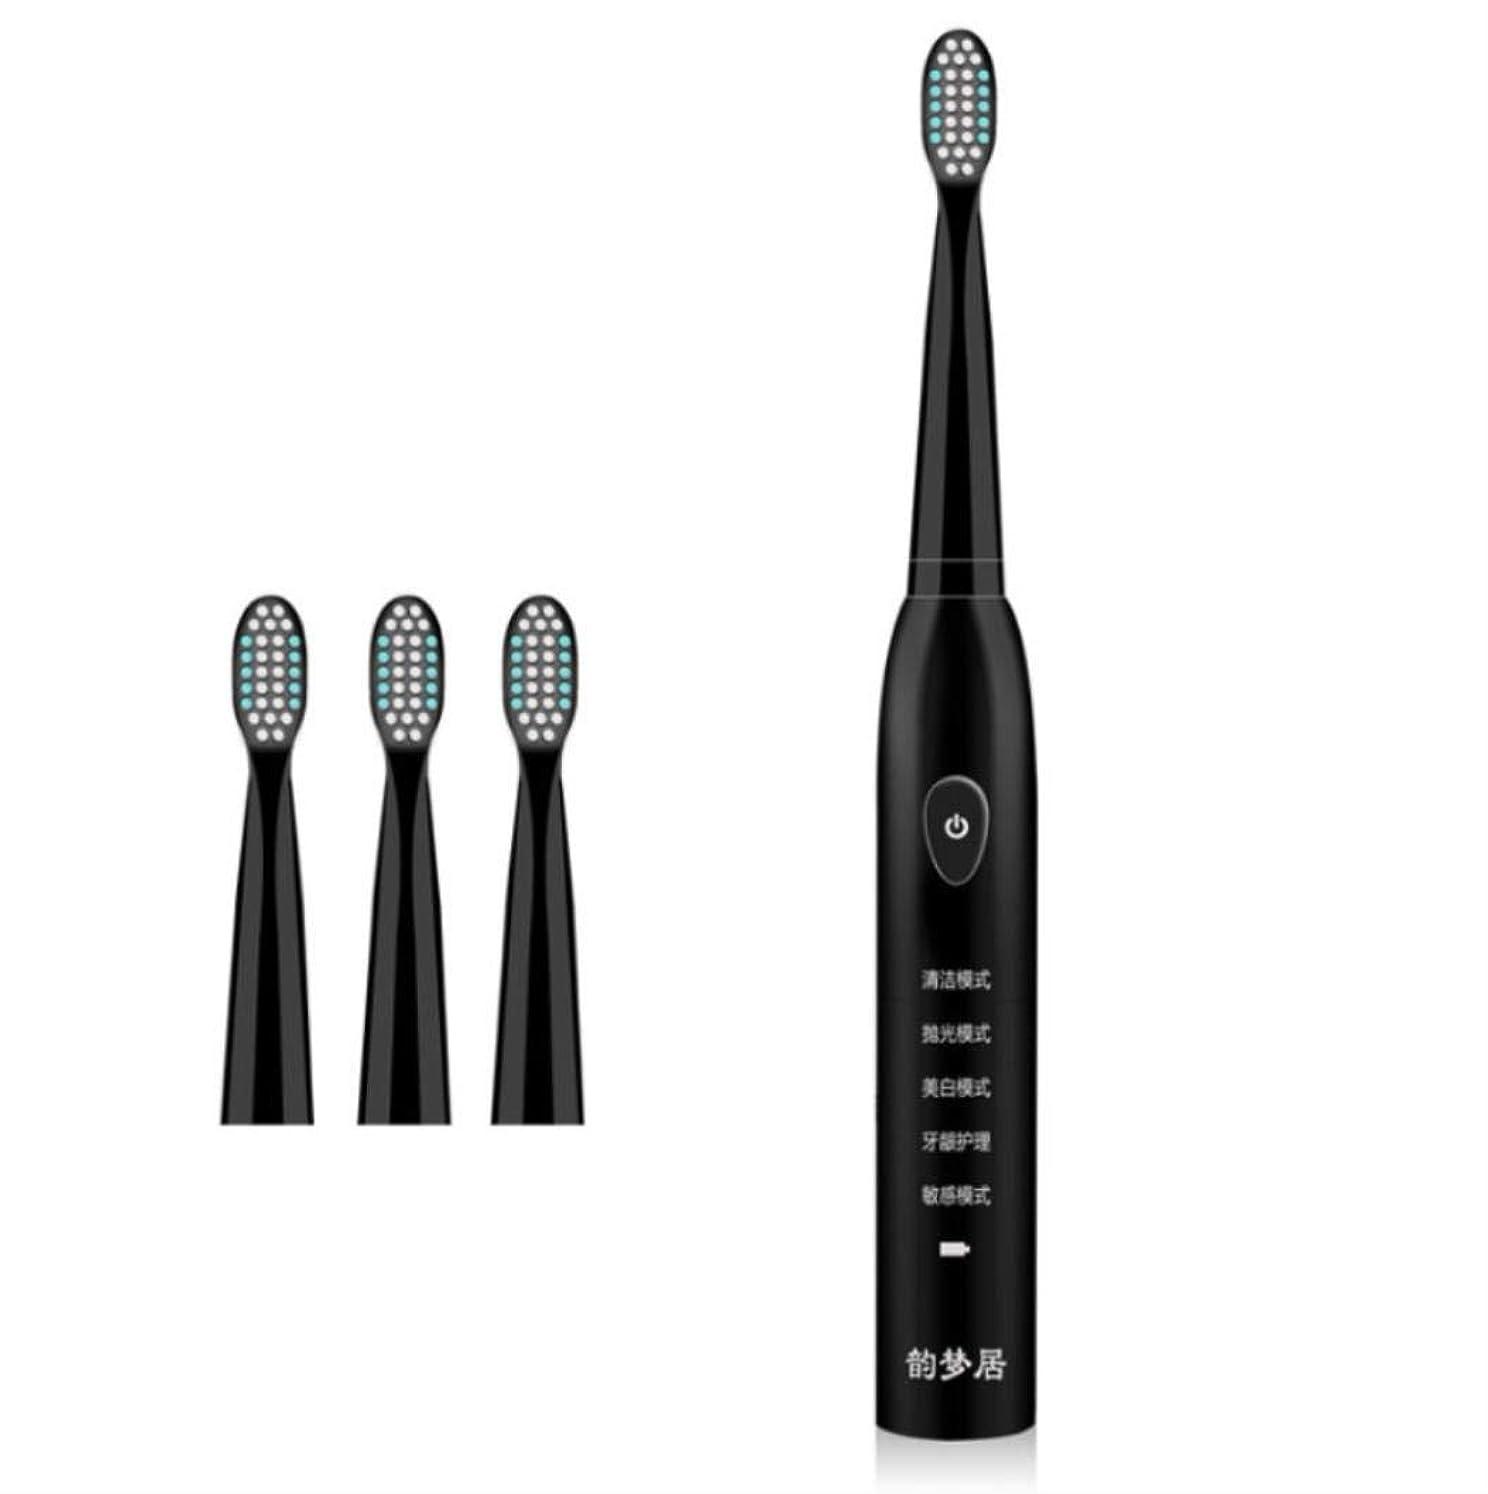 電圧アブストラクトフロー4つの取り替えのブラシヘッドUSBが付いている電気歯ブラシは5つのモードを満たしました音波のクリーニングを達成します,Black